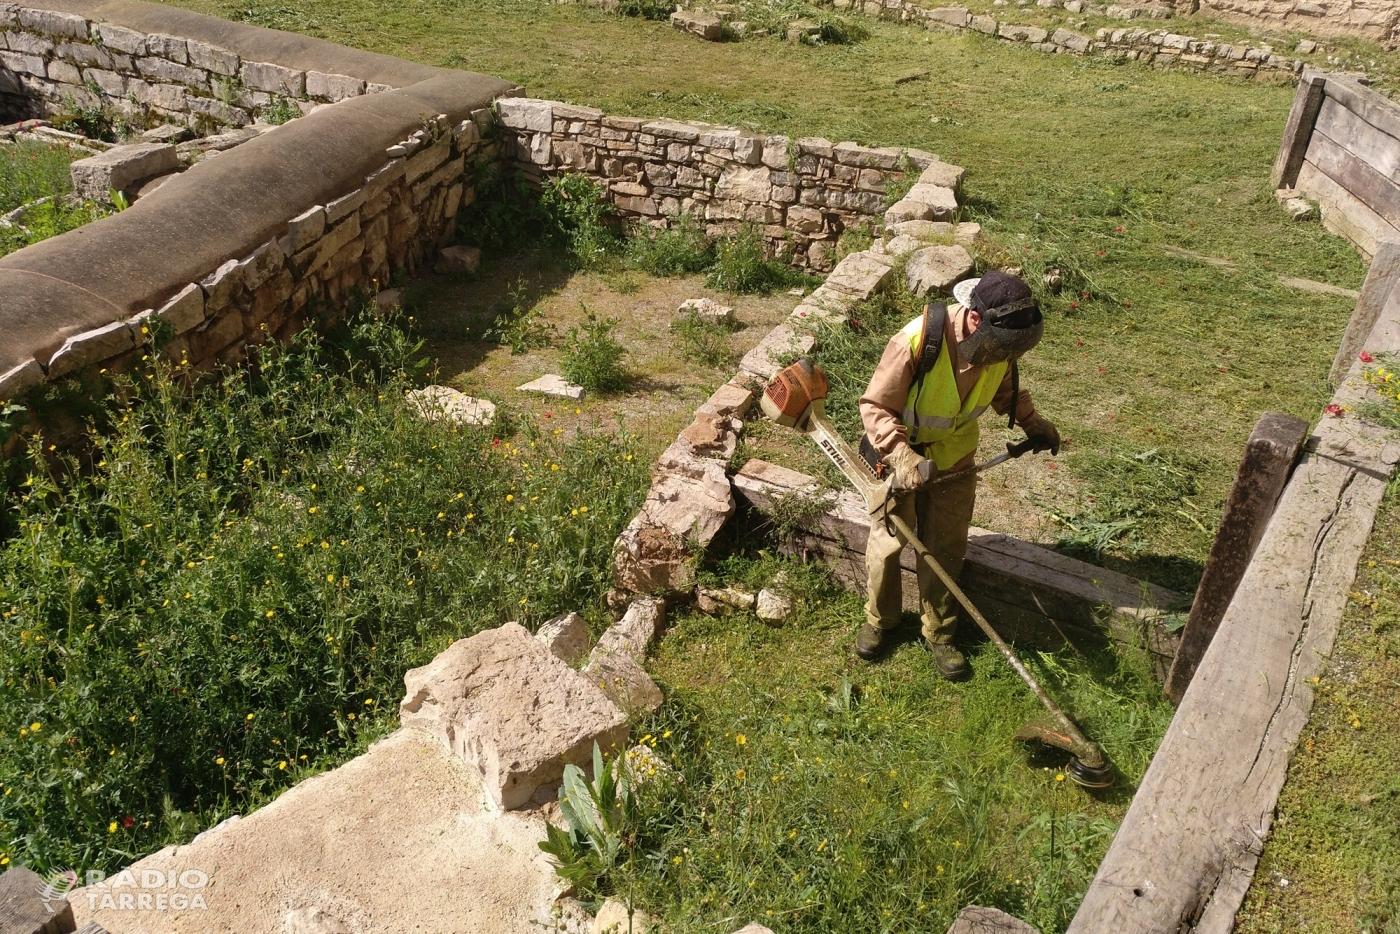 L'Ajuntament de Tàrrega promou la gestió ecològica dels espais urbans sense l'ús de glifosat